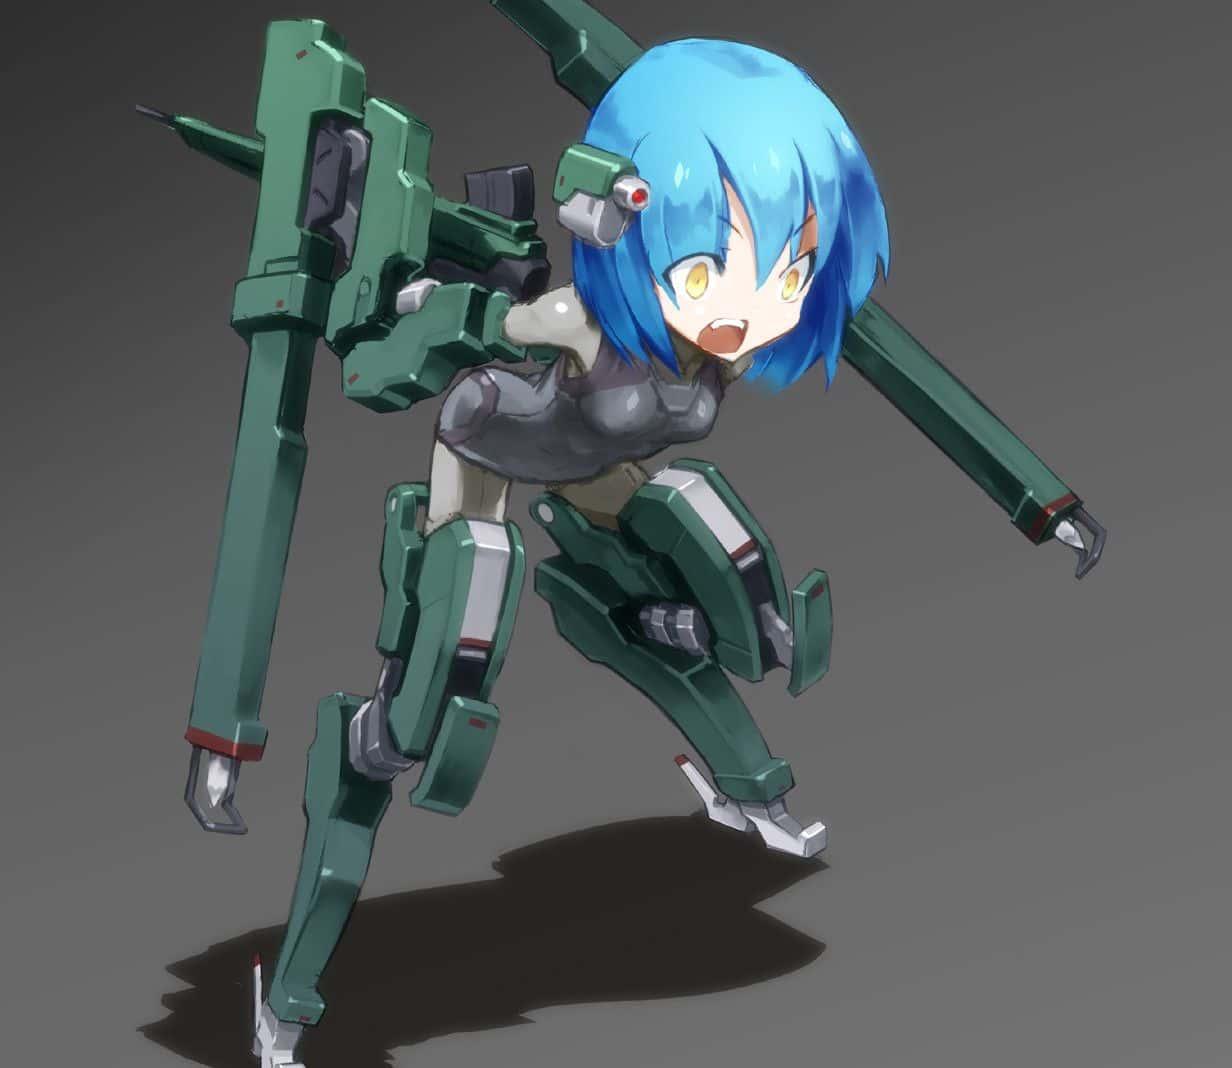 hentai cyborg Android cyberpunk 84 - 【二次】サイボーグやアンドロイドのエロ画像:イラスト その3